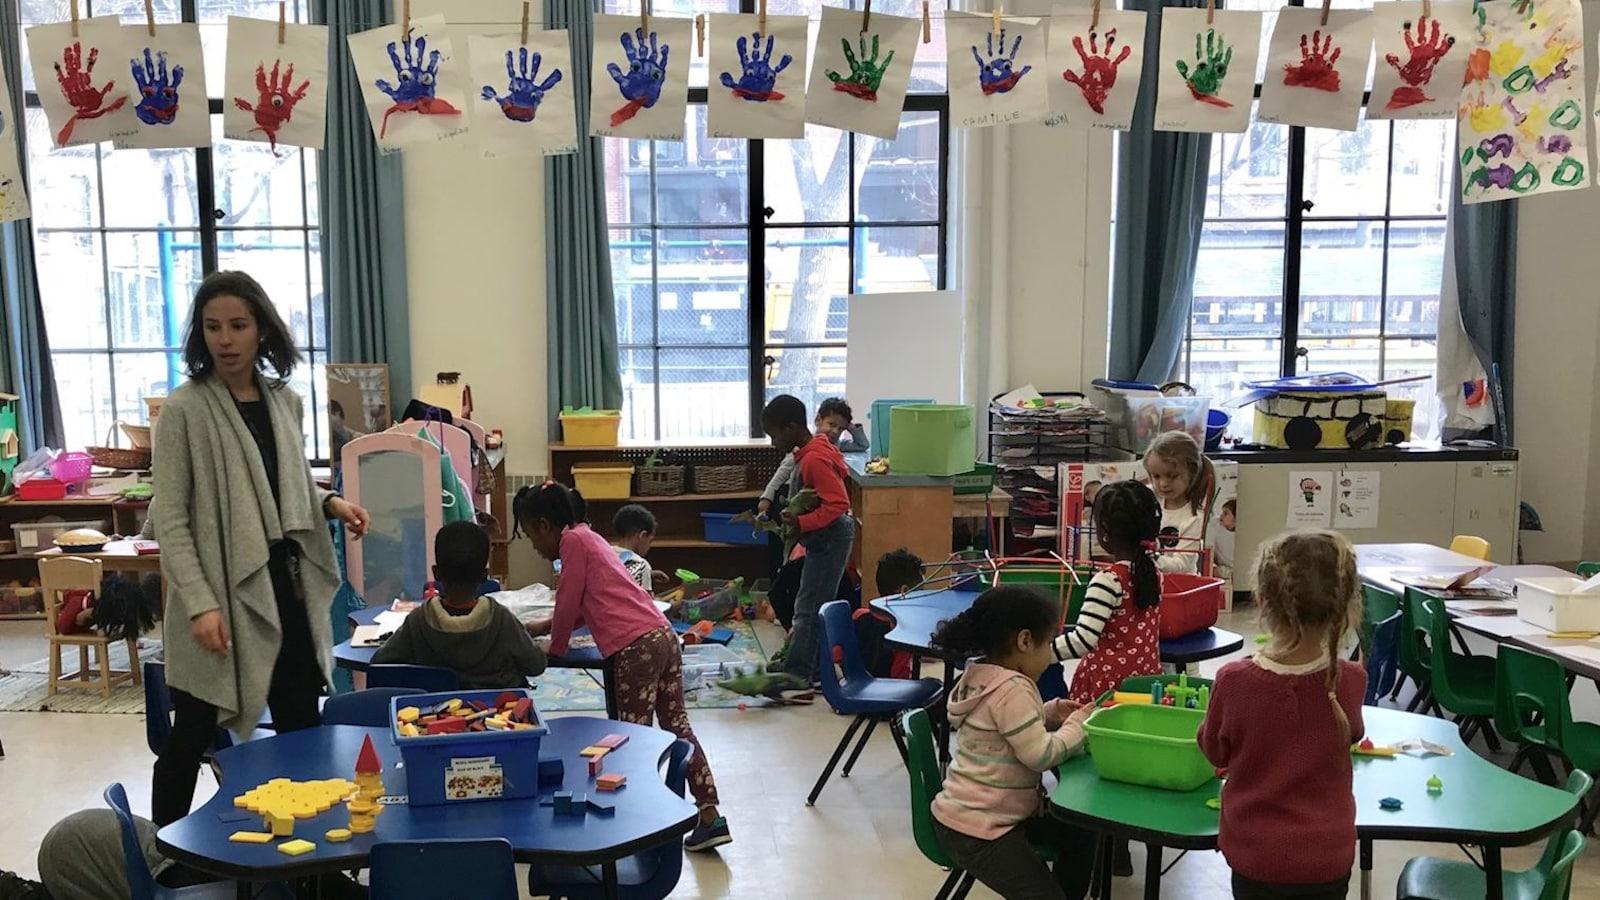 L'enseignante en classe avec les enfants.